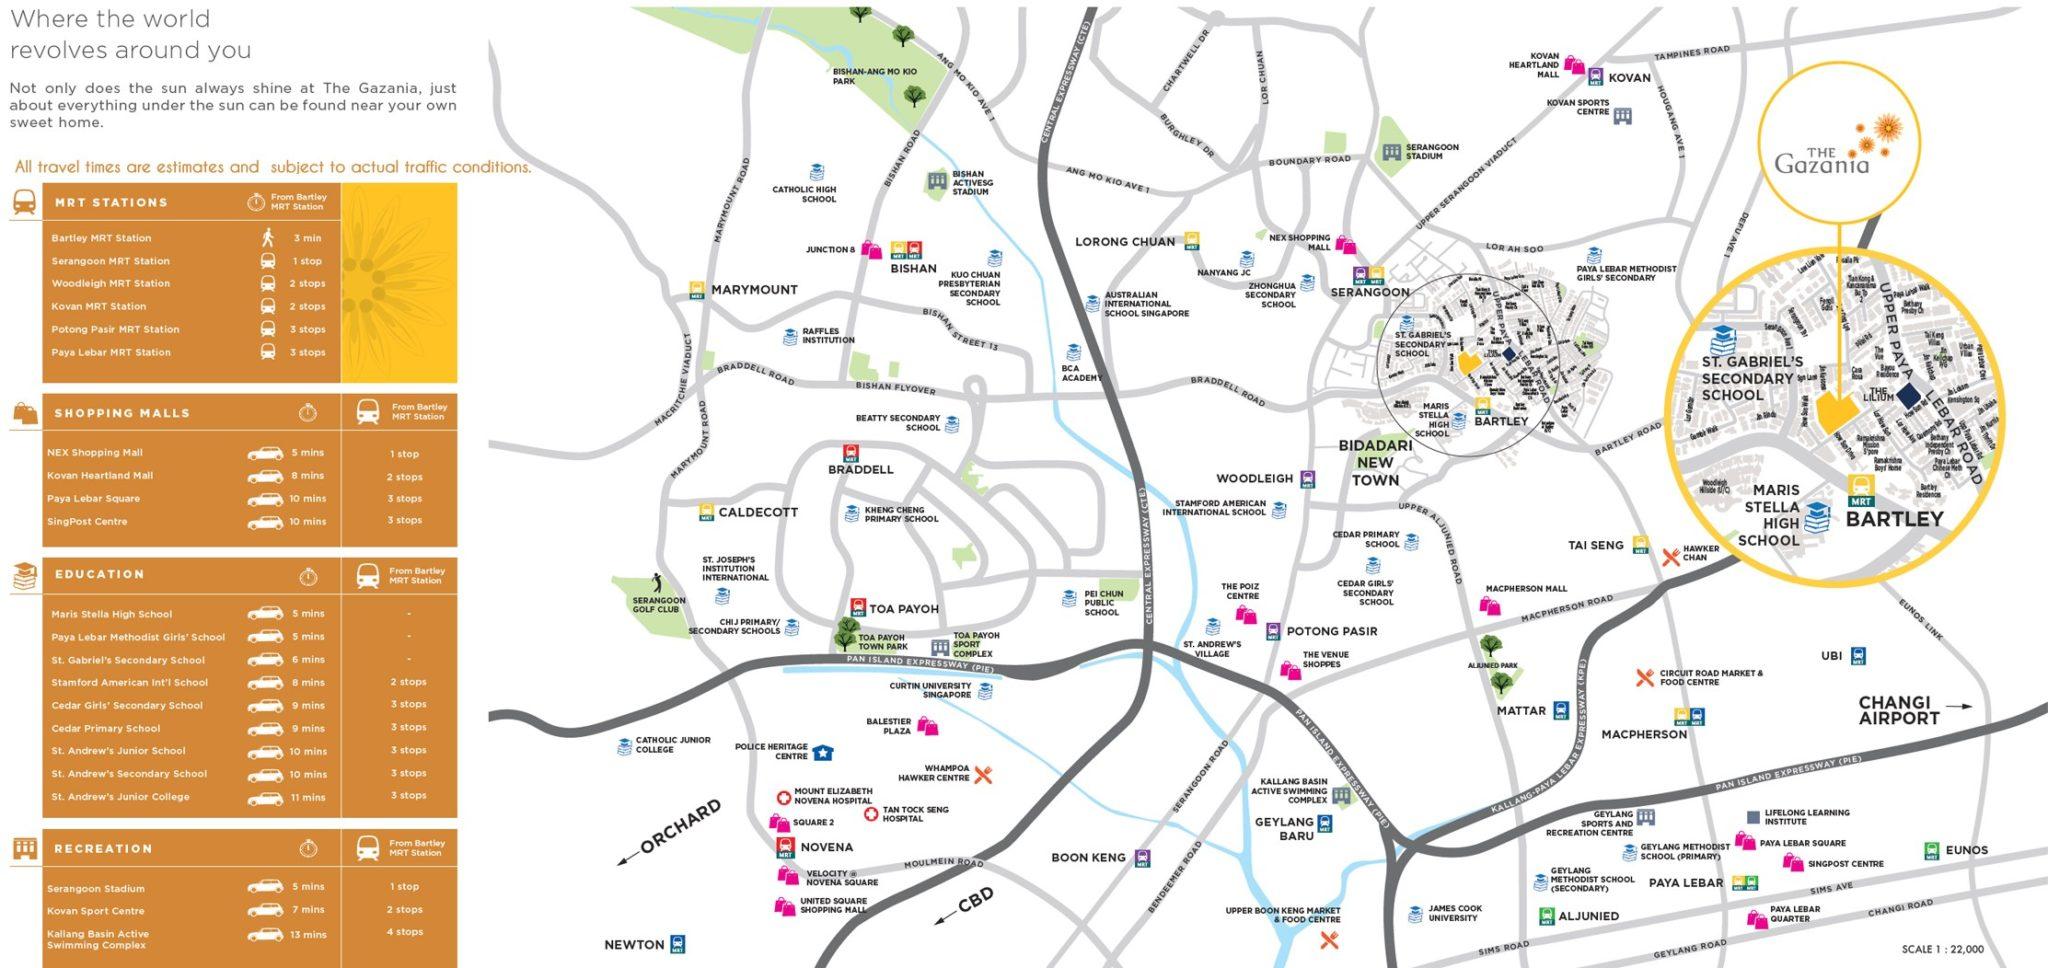 The_Gazania-location_map